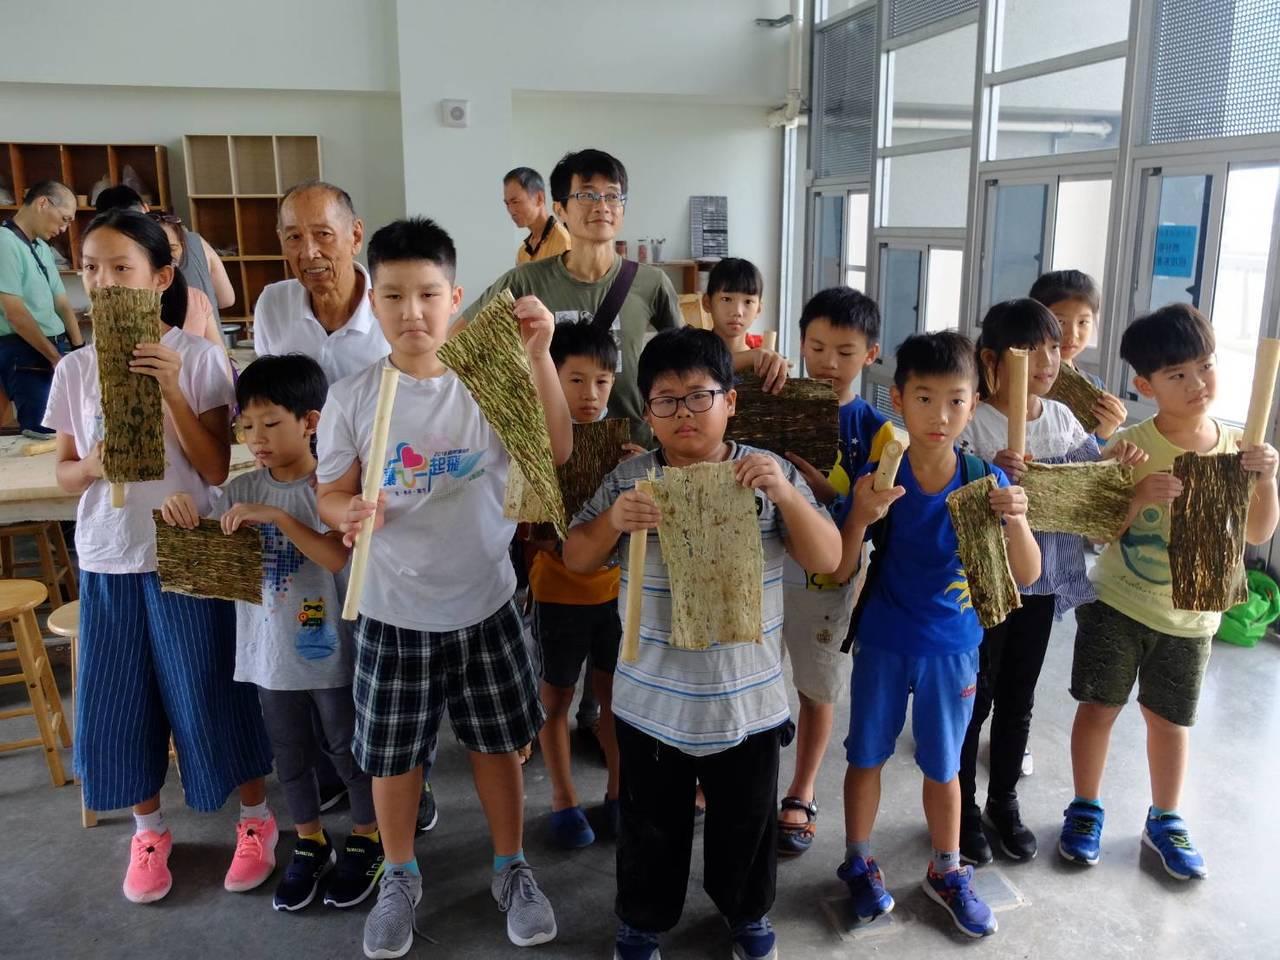 台江夏季學校手作構樹皮 學員都是初體驗大呼過癮